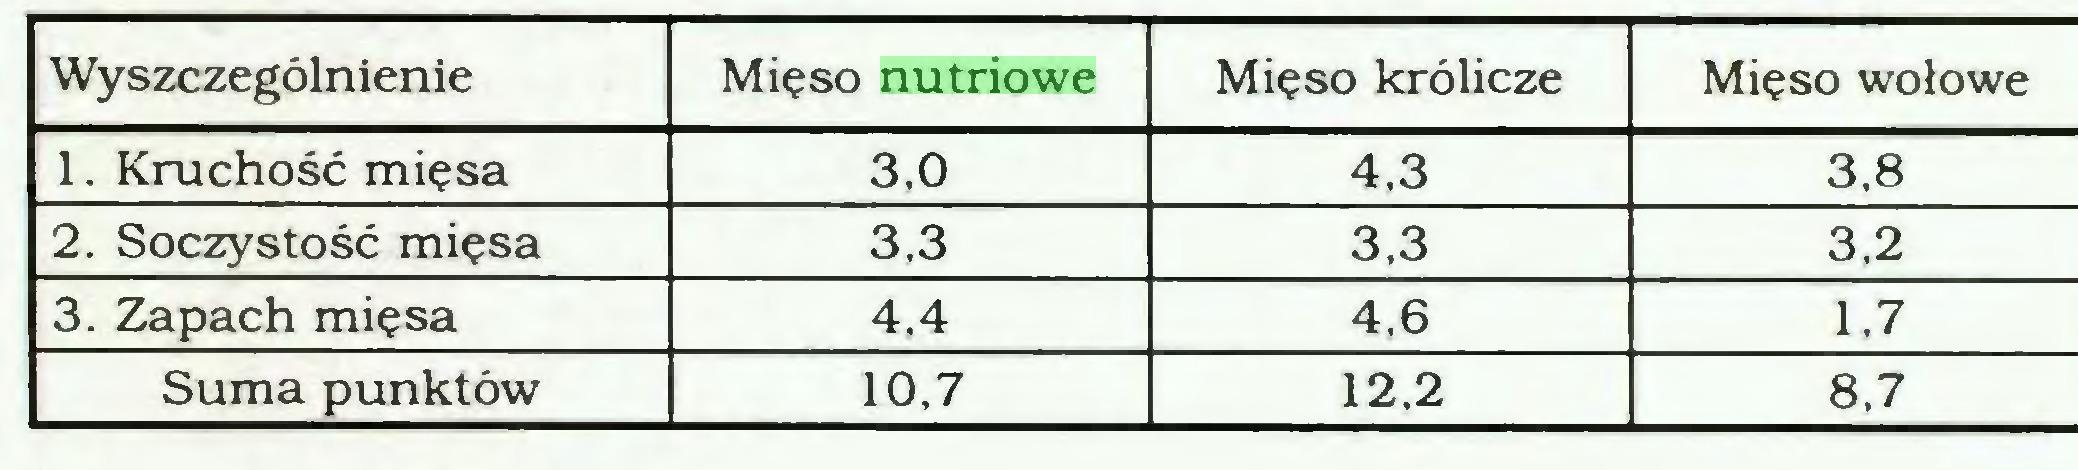 (...) Wyszczególnienie Mięso nutriowe Mięso królicze Mięso wołowe 1. Kruchość mięsa 3,0 4,3 3,8 2. Soczystość mięsa 3,3 3,3 3.2 3. Zapach mięsa 4,4 4,6 1.7 Suma punktów 10,7 12,2 8,7...